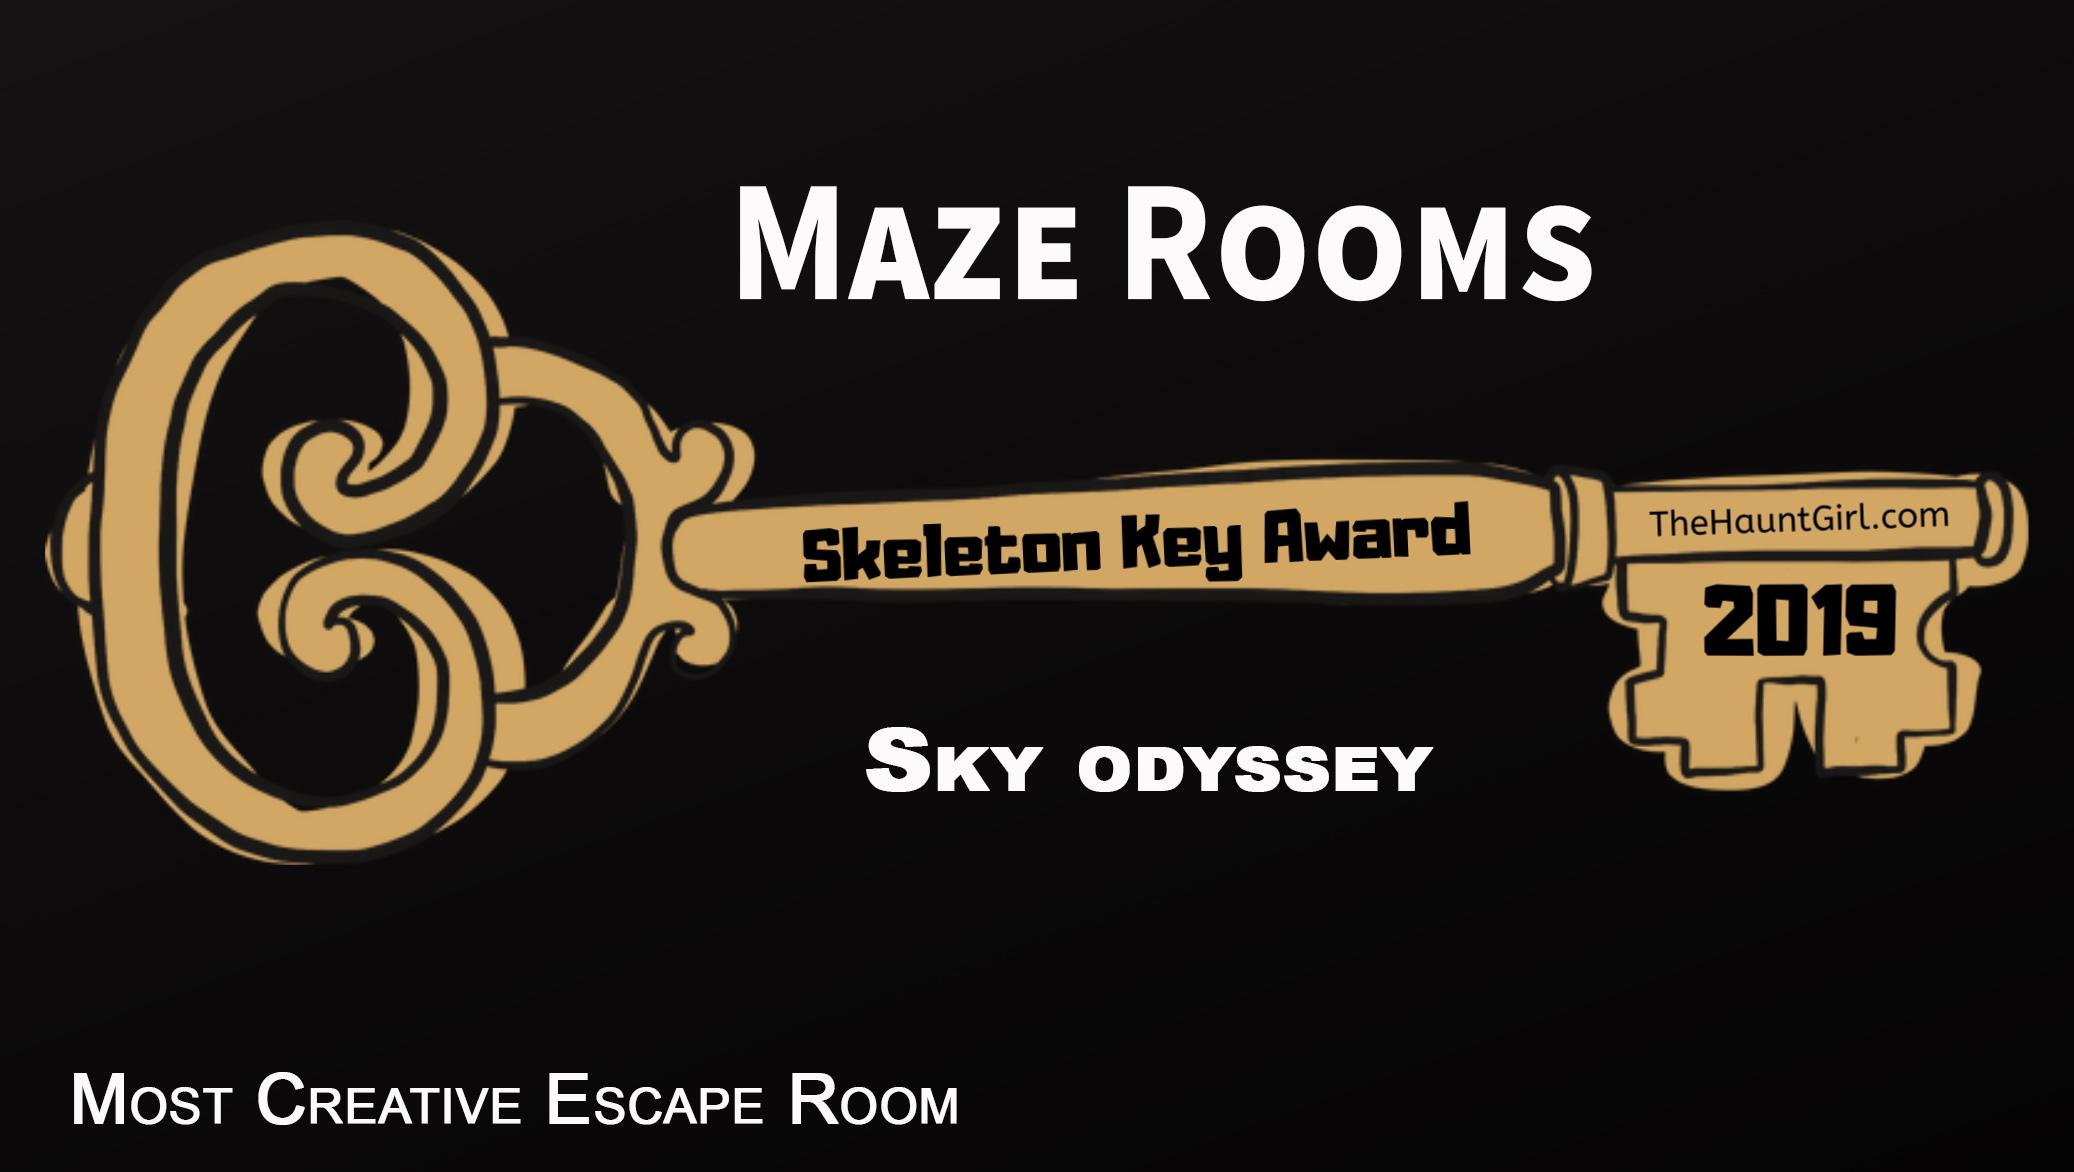 MazeRooms